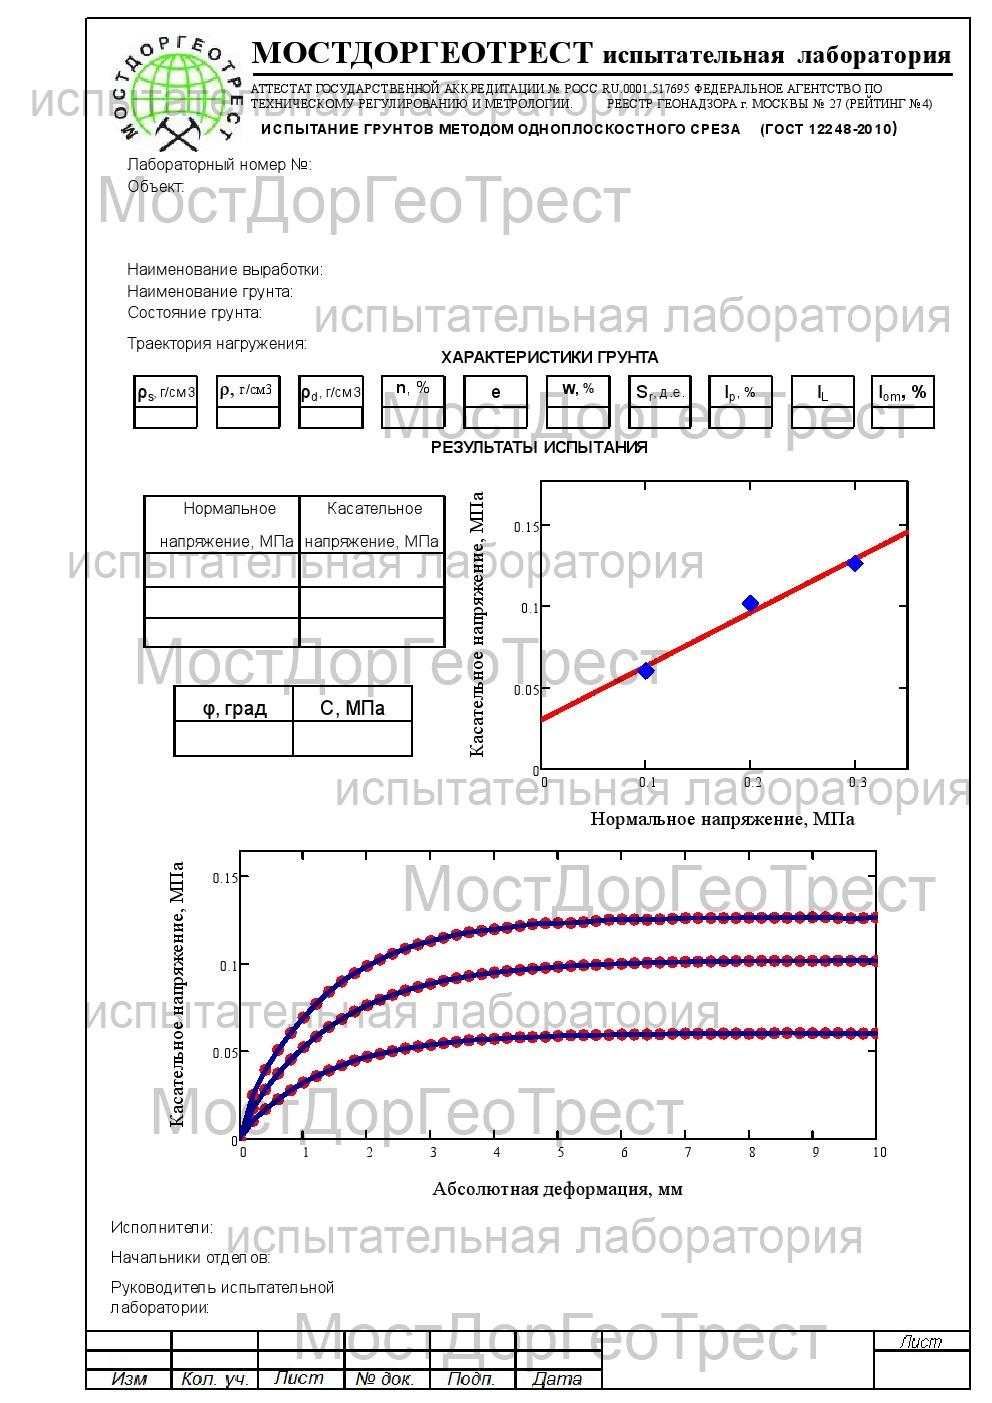 Протокол испытания грунтов методом одноплоскостного среза (ГОСТ 12248-2010)